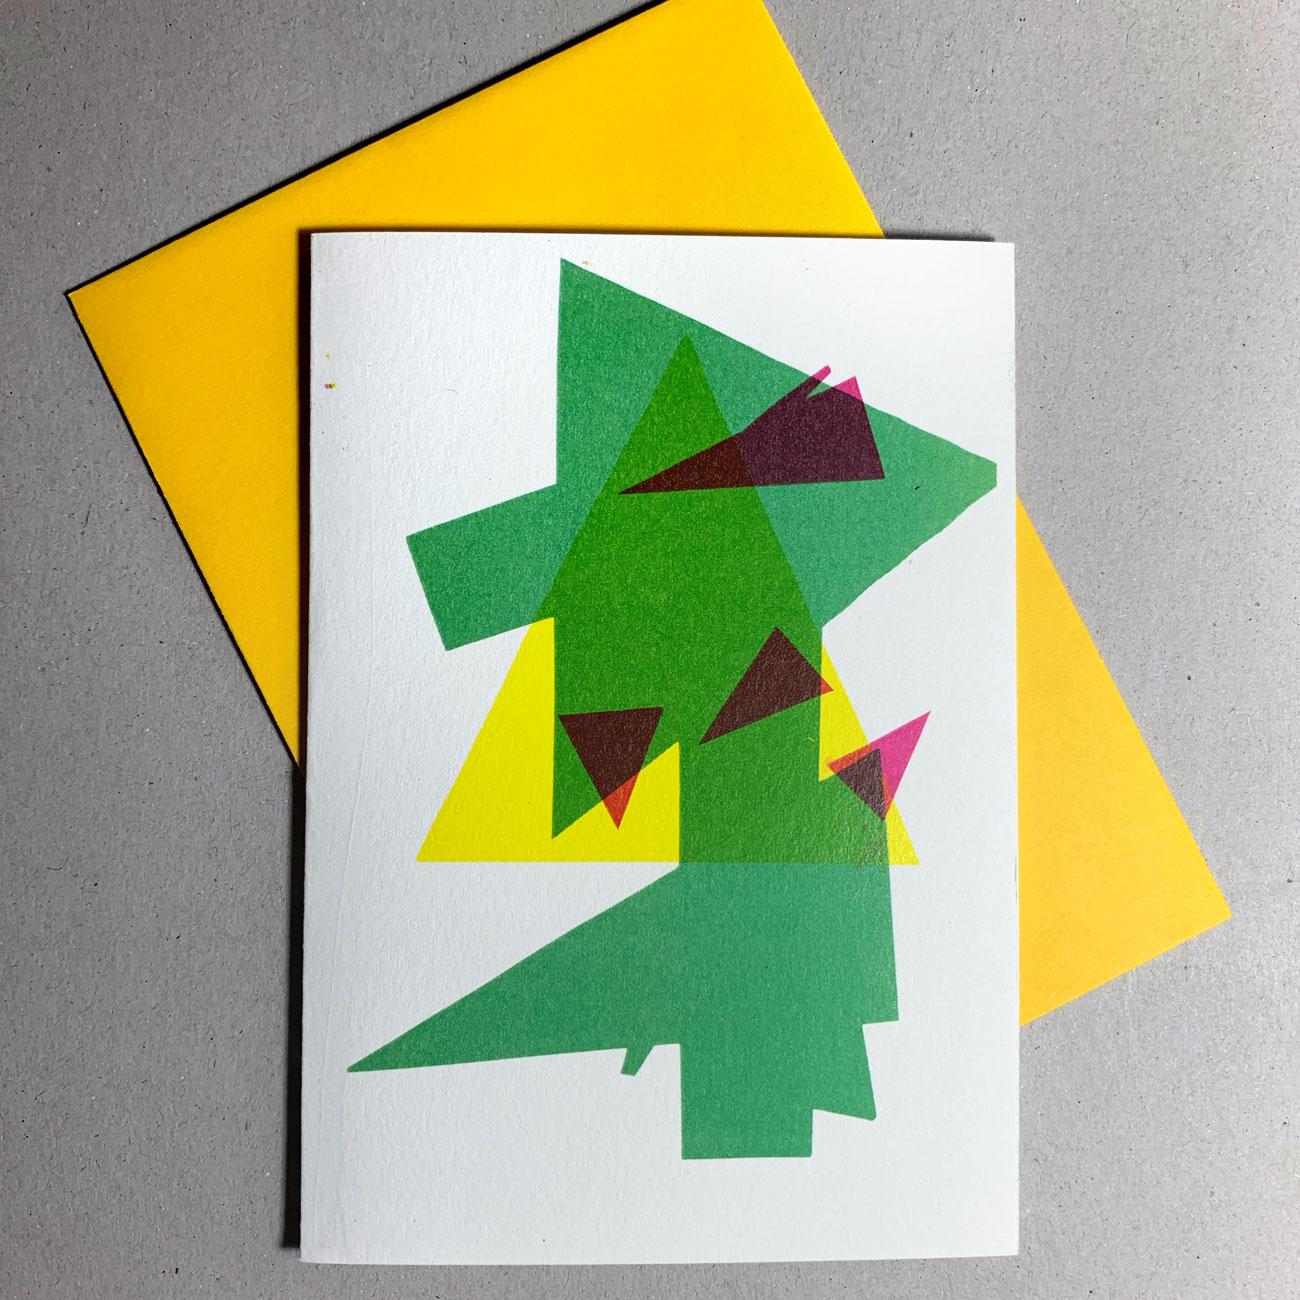 Klappkarte grafischer Baum, gelbes Kuvert, individuell